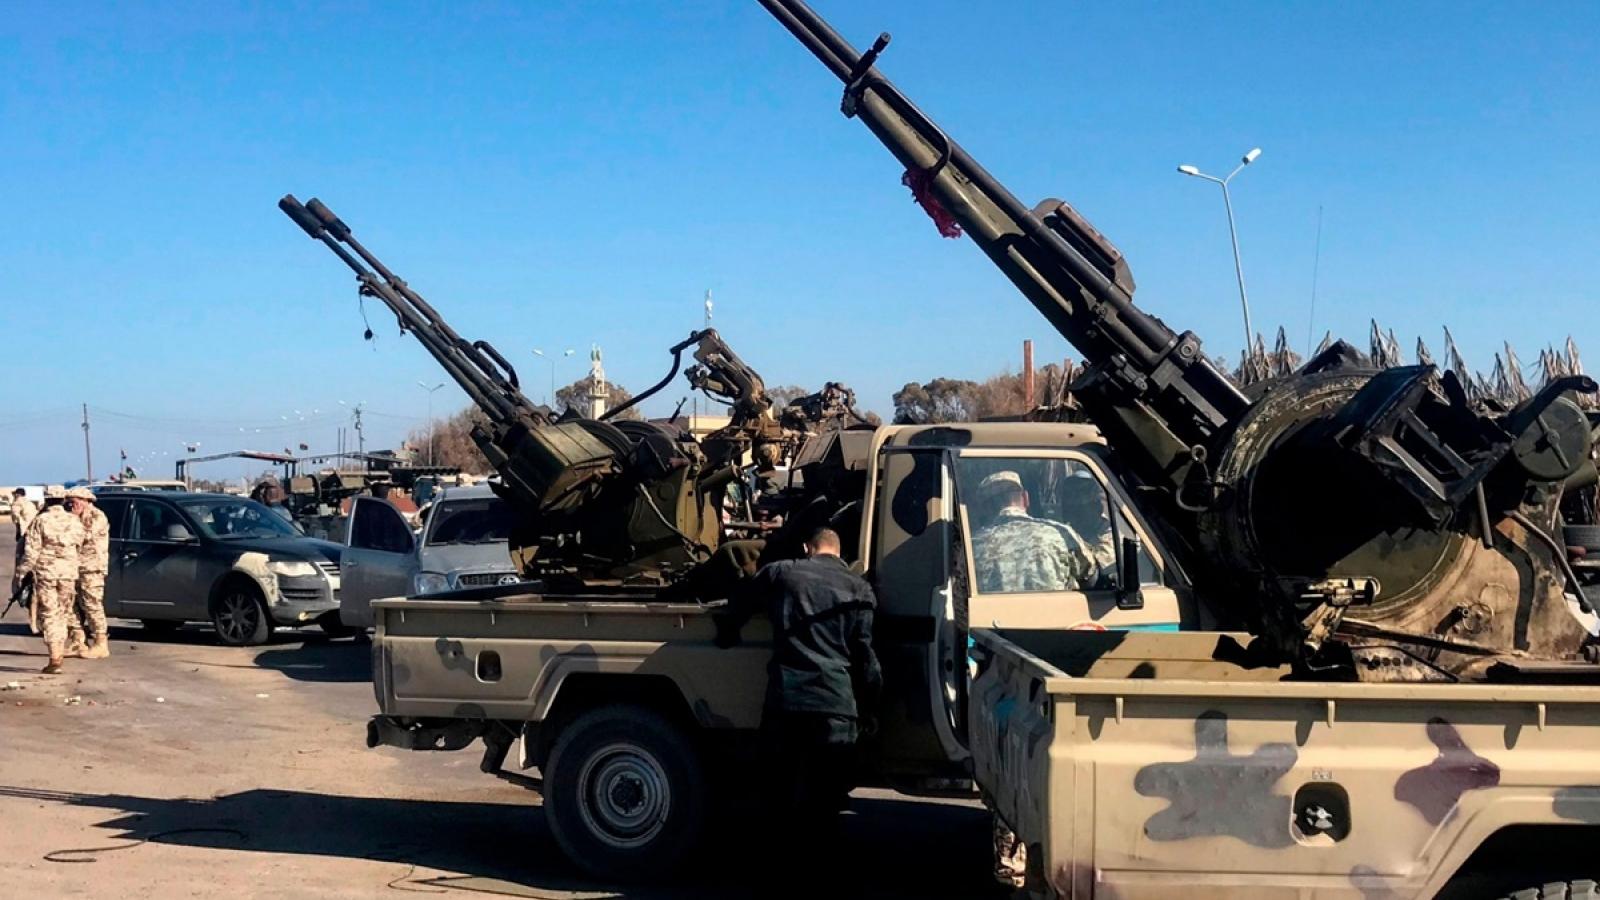 Những tín hiệu chính trị tích cực mới tại Libya sau bao năm xung đột